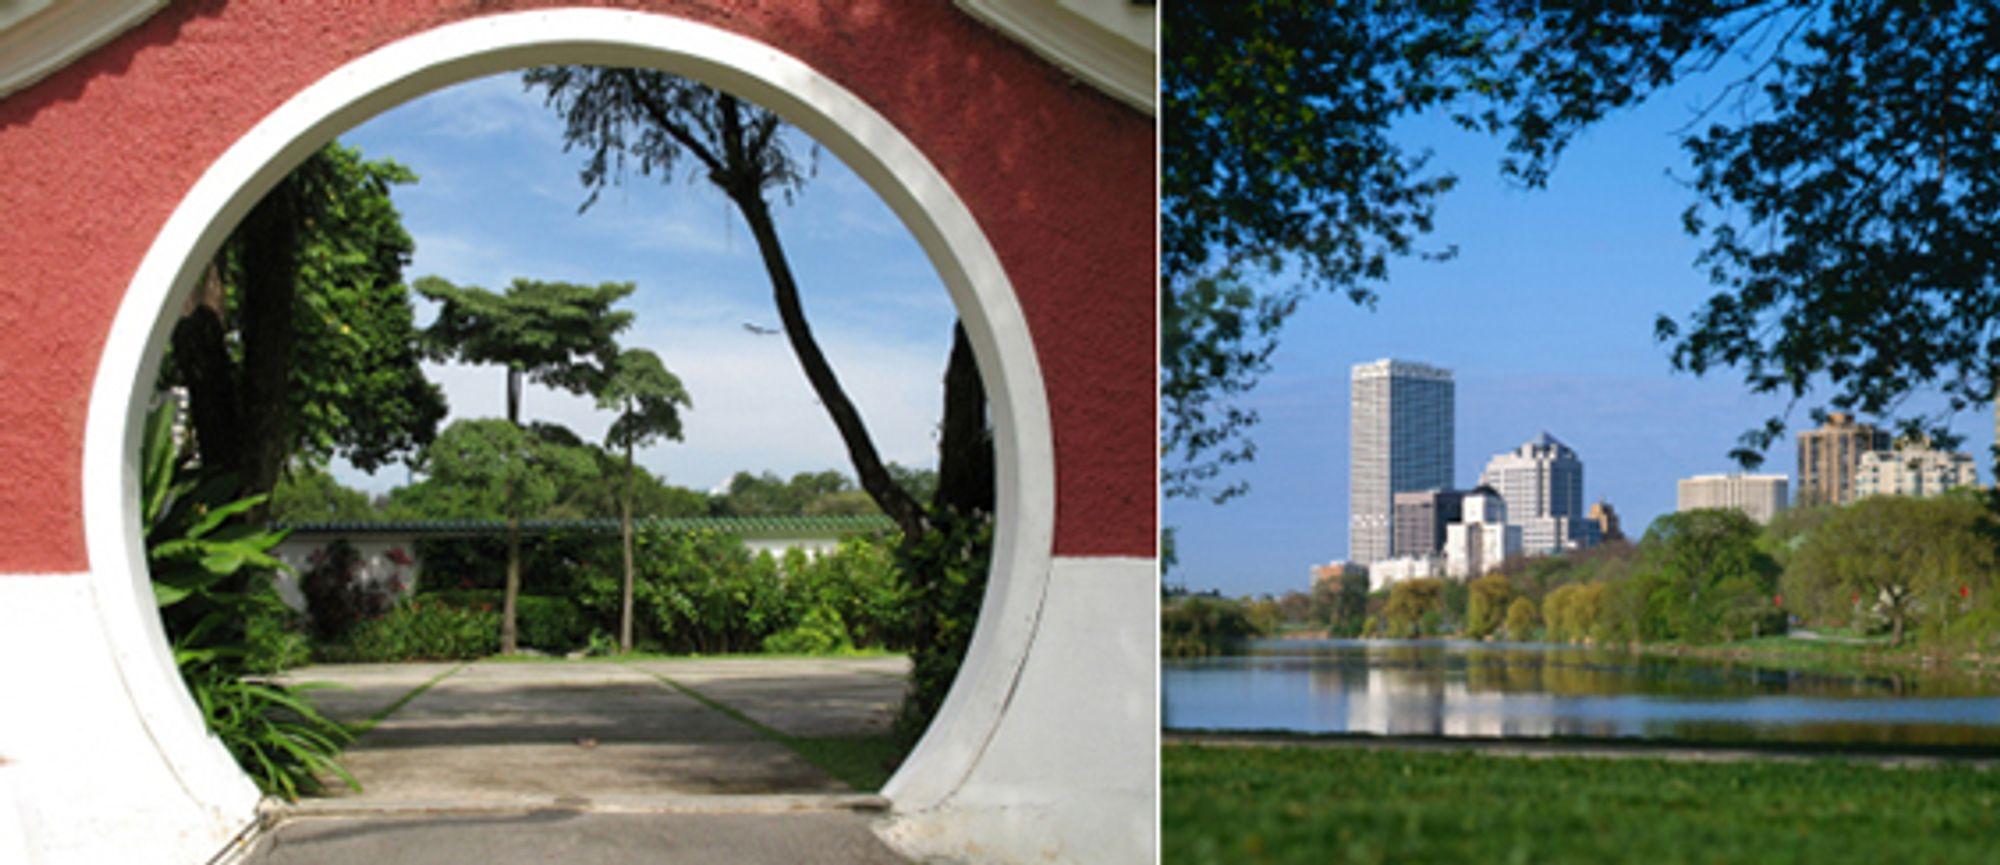 Venstre: © Pei Lin Shang<br> Høyre: © westphalia